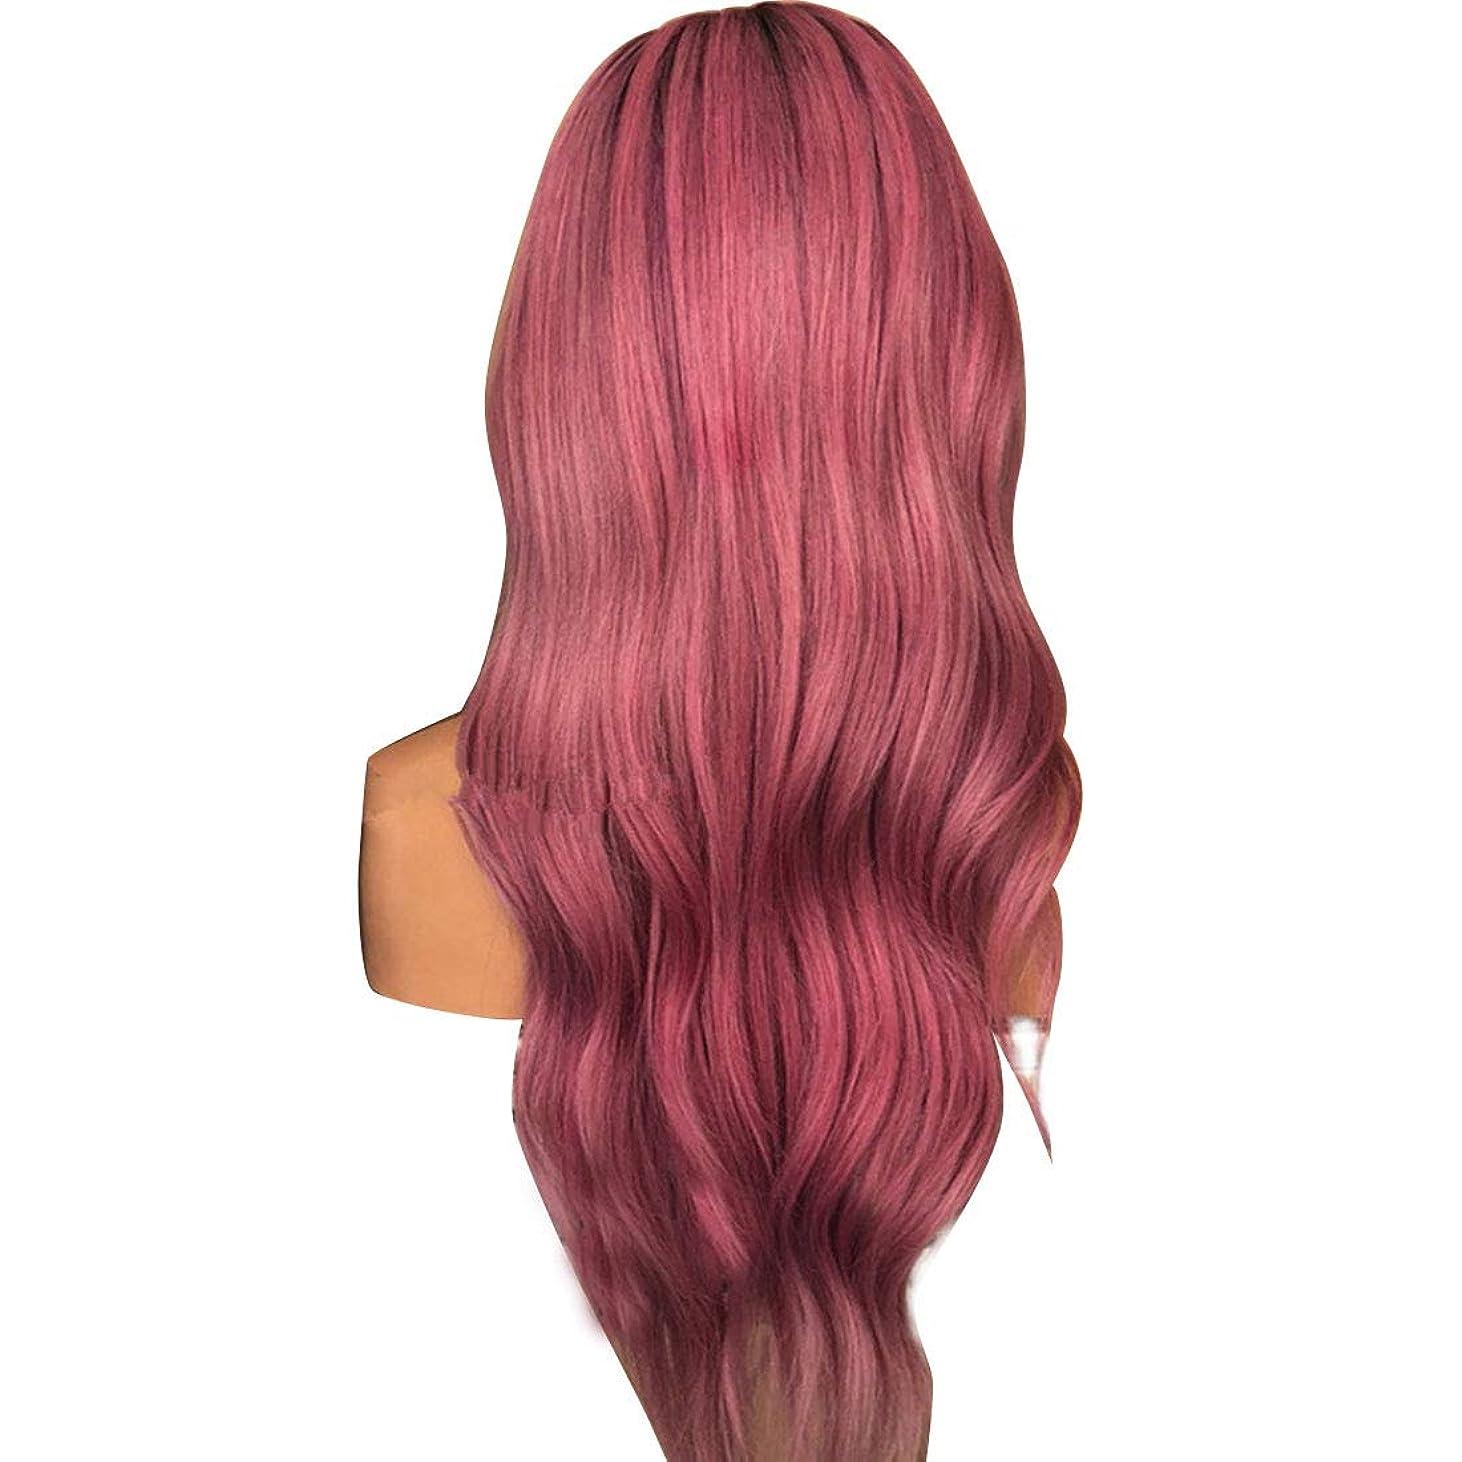 雄大なエレクトロニック経済Koloeplf 女性 ふわふわ 現実的な かつら 複数の色 大きな波 長いウィッグ 耐熱 ウィッグ 長さ65cm (Color : Black gradient citron purple)